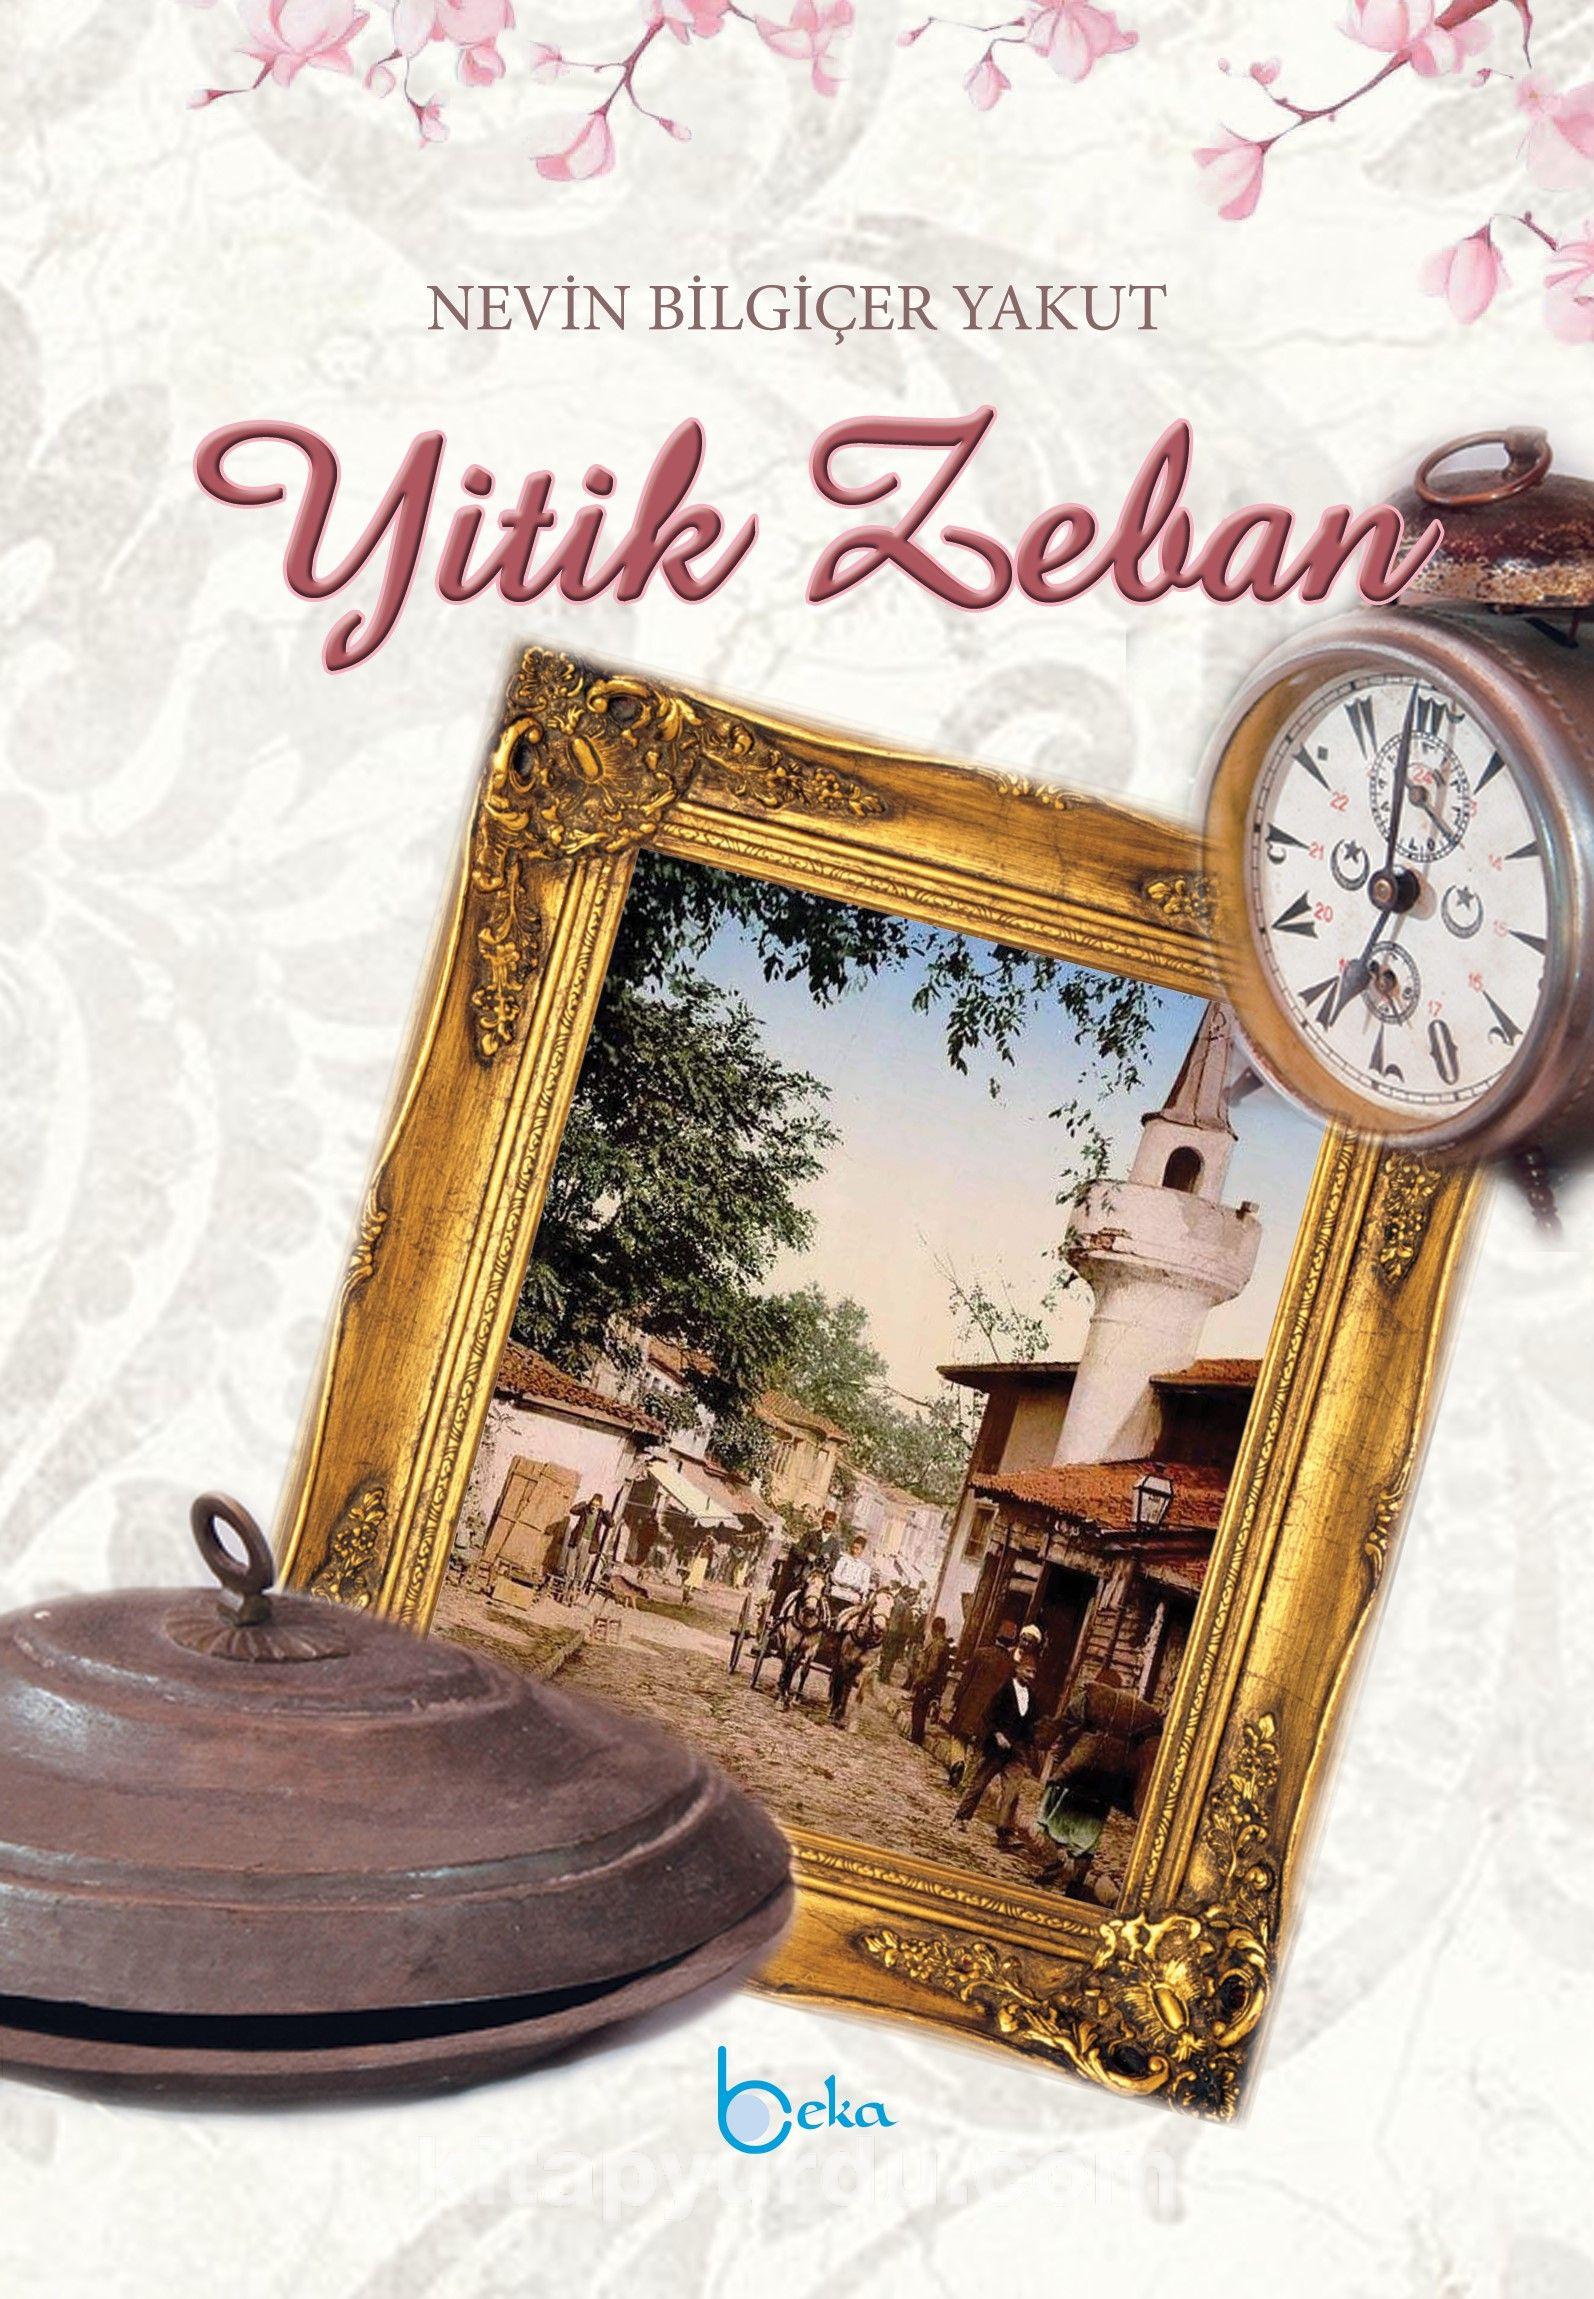 Yitik Zeban